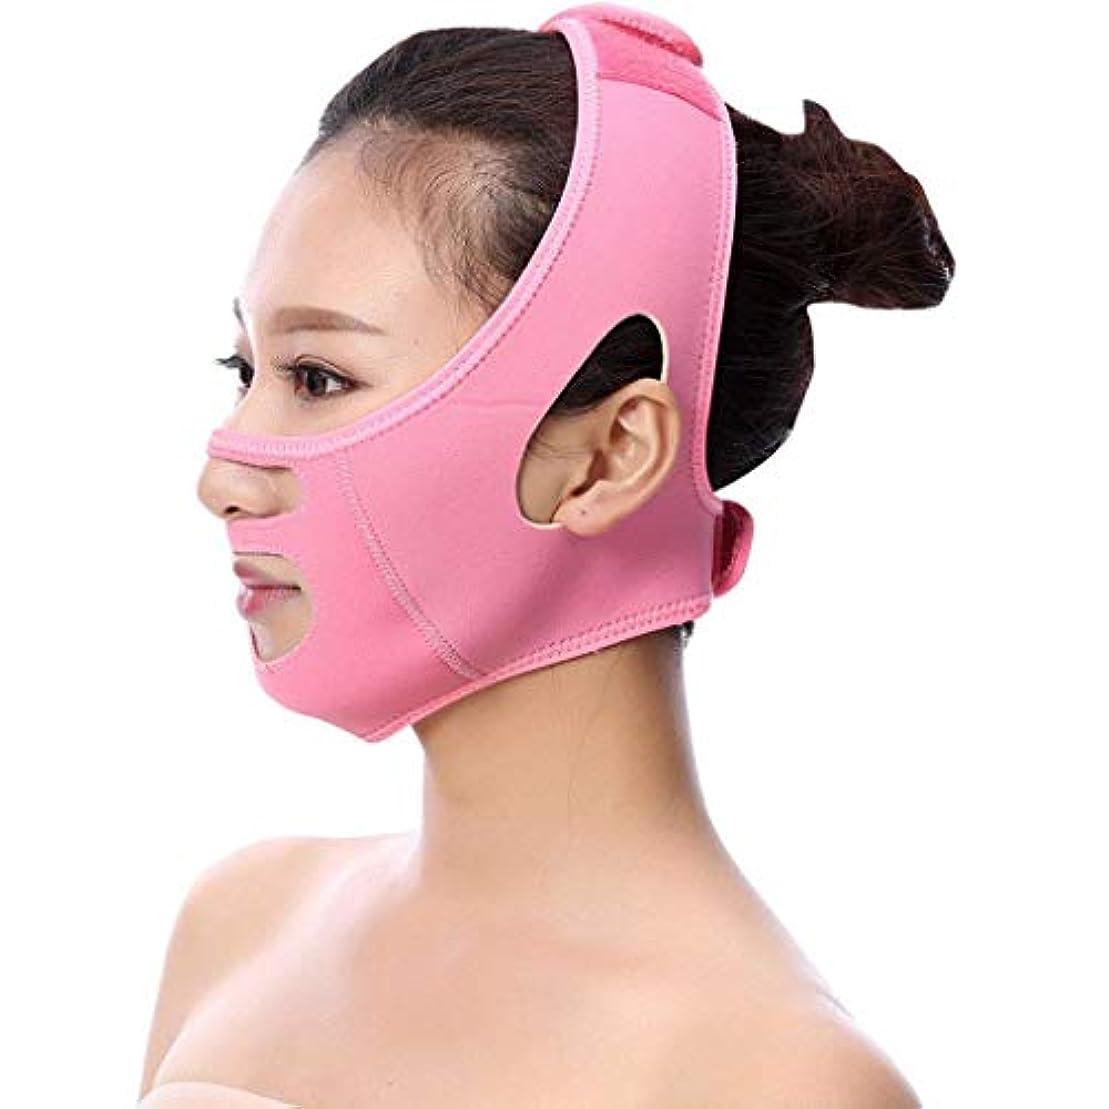 グレー強度湿気の多いHUYYA ファーミングストラップリフティングフェイスリフティング包帯、フェイスマスク V字ベルト補正ベルト ダブルチンヘルスケアスキンケアチン,Pink_Large